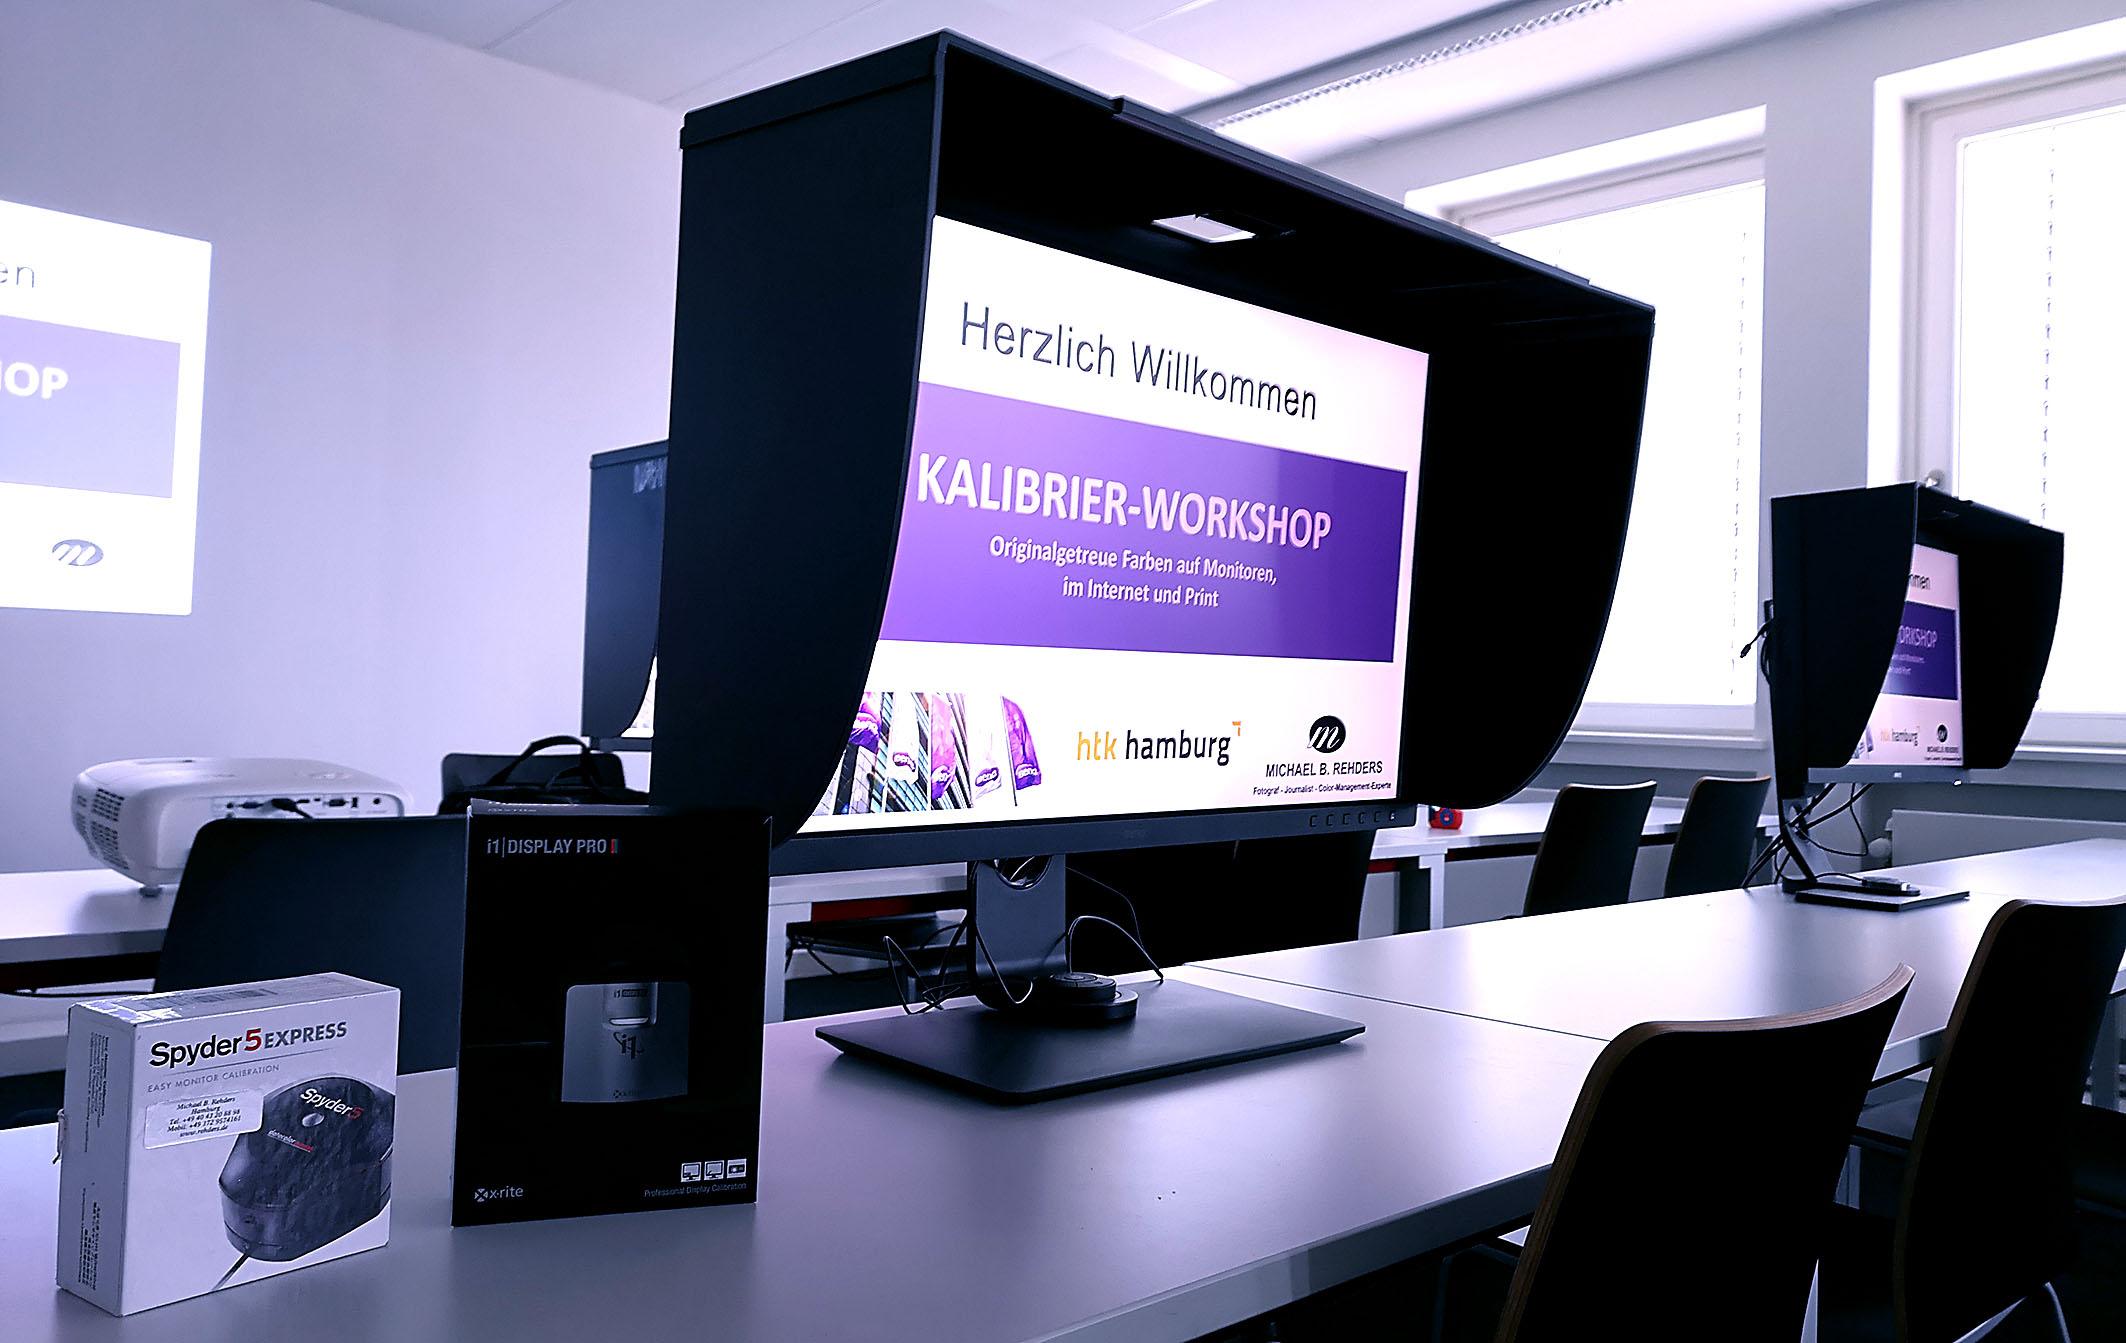 Foto: Michael B. Rehders - Luxuriöse Ausstattung: Für den exklusiven Kalibrierworkshop in der HTK-Academy kamen die Monitore der BenQ PhotoVue Serie zum Einsatz, der 4K-Projektor BenQ TK800 sowie die aktuellen Sensoren von Datacolor (Spyder 5 und Spyder X) bzw. X-Rite (i1 Display Pro).